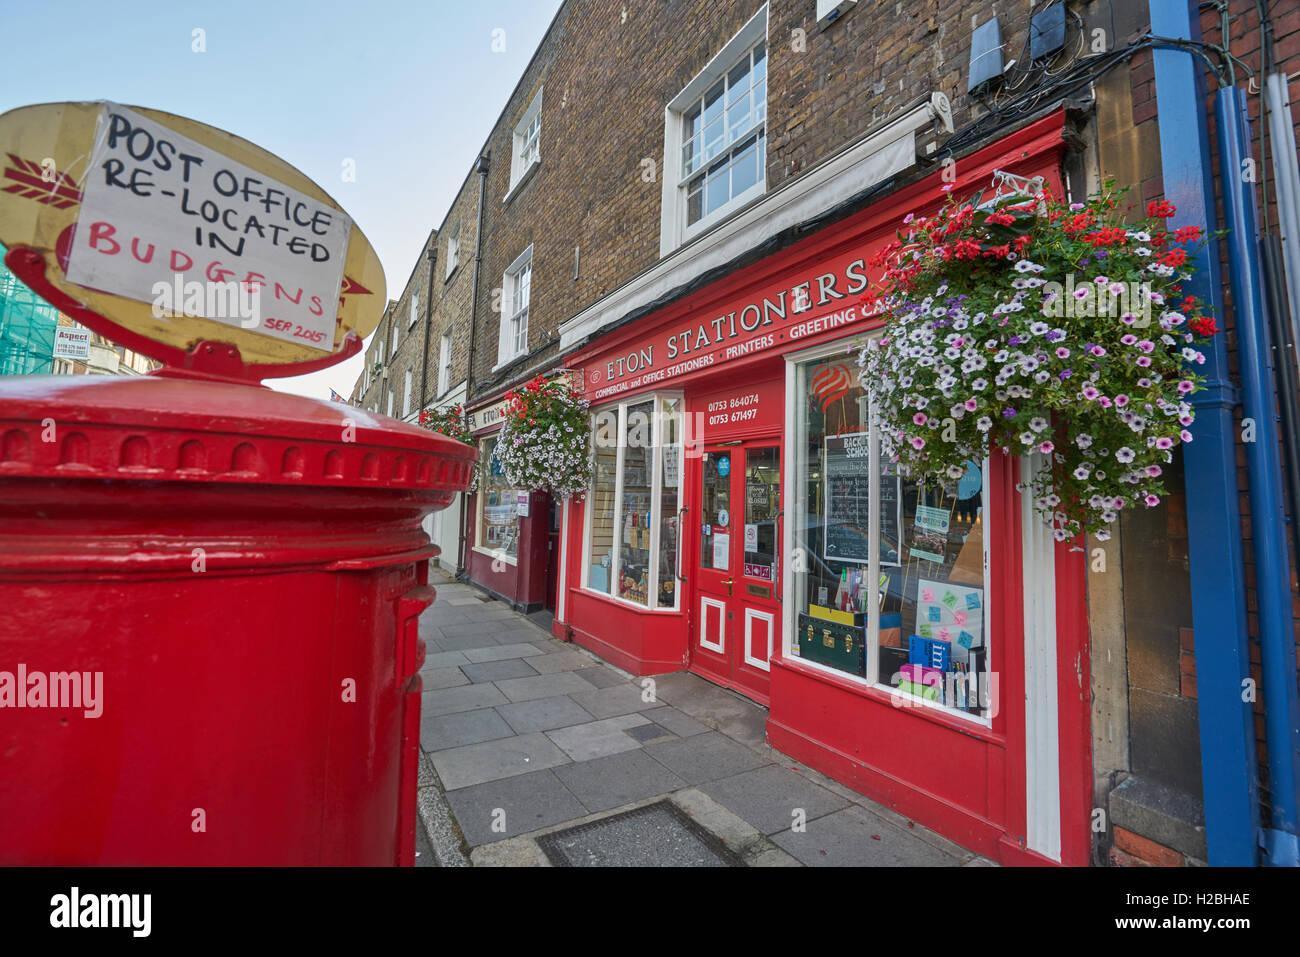 Eton stationary shop - Stock Image